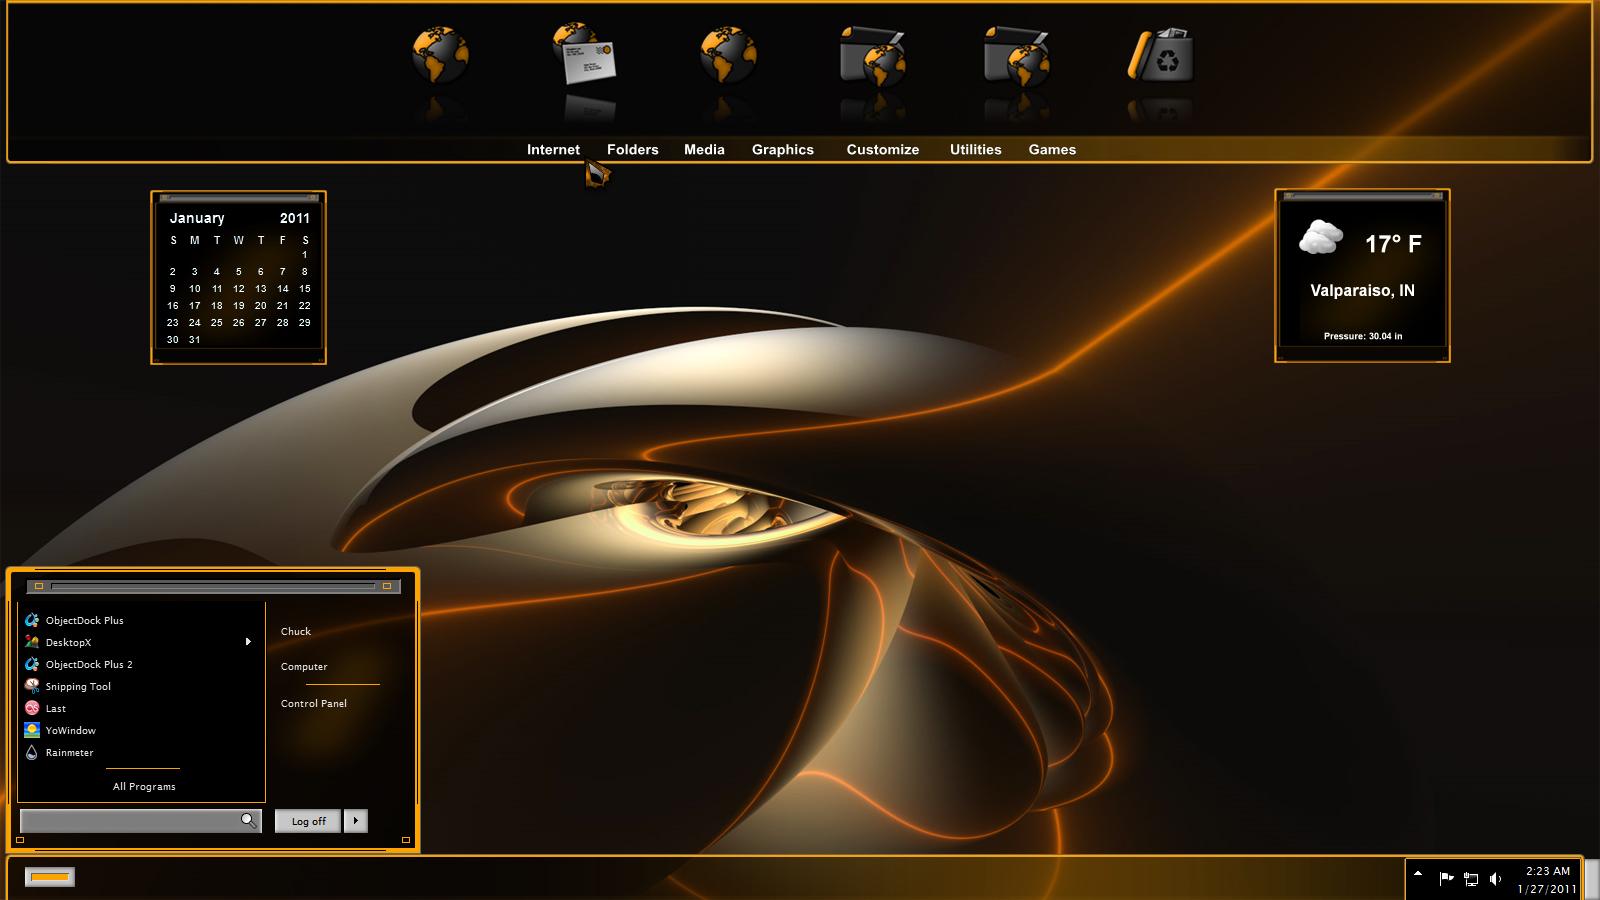 Windows 7 3D HD Wallpapers Widescreen Desktop Backgrounds   Wallpaper 1600x900